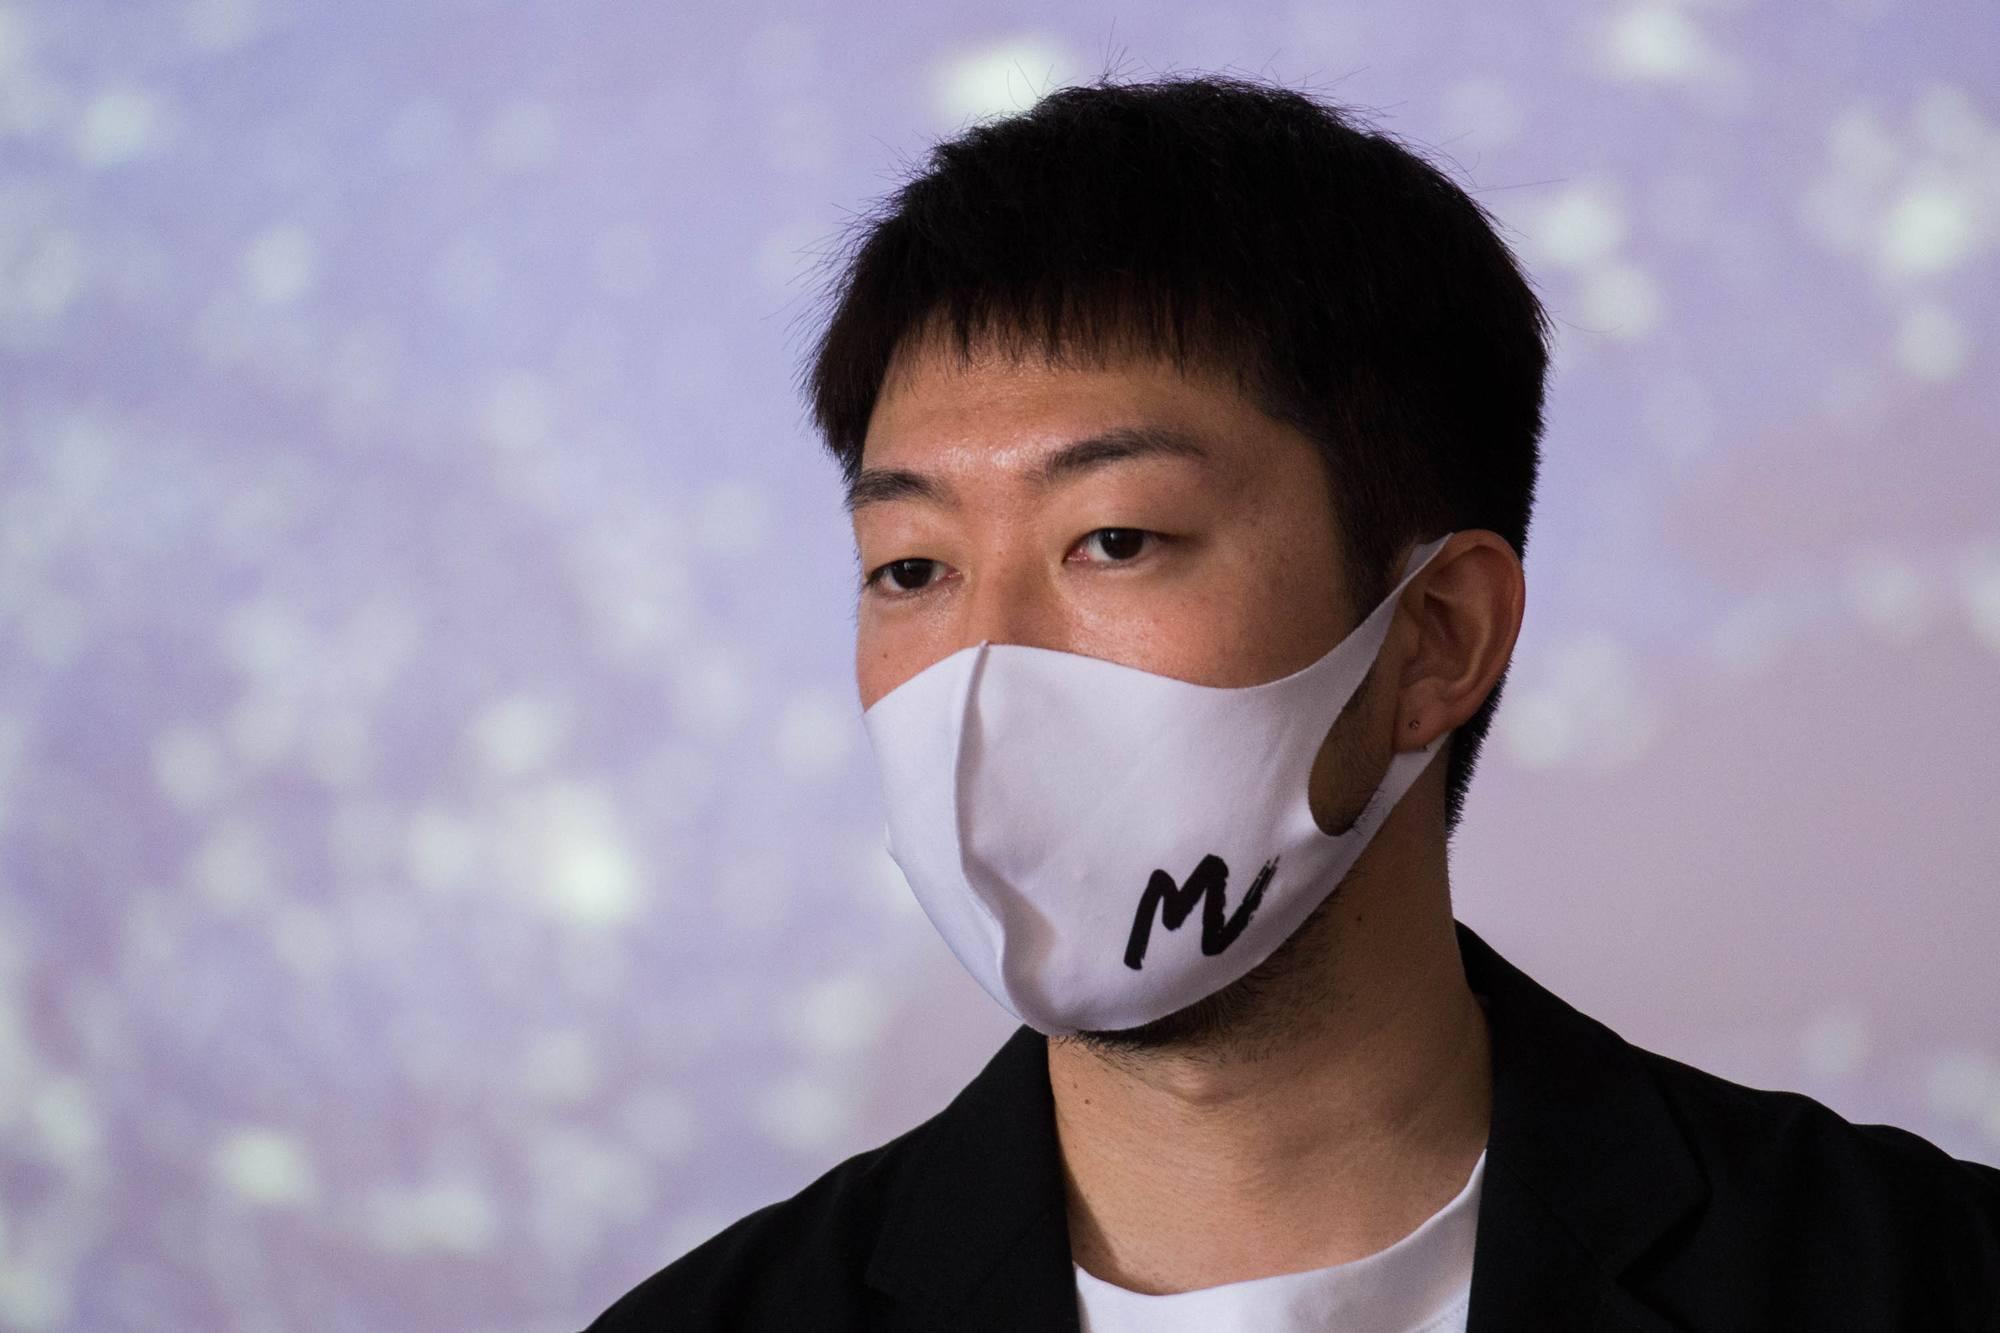 Shun Ogiso, responsable des relations publiques de Start Today Corporation, participera également à la formation.